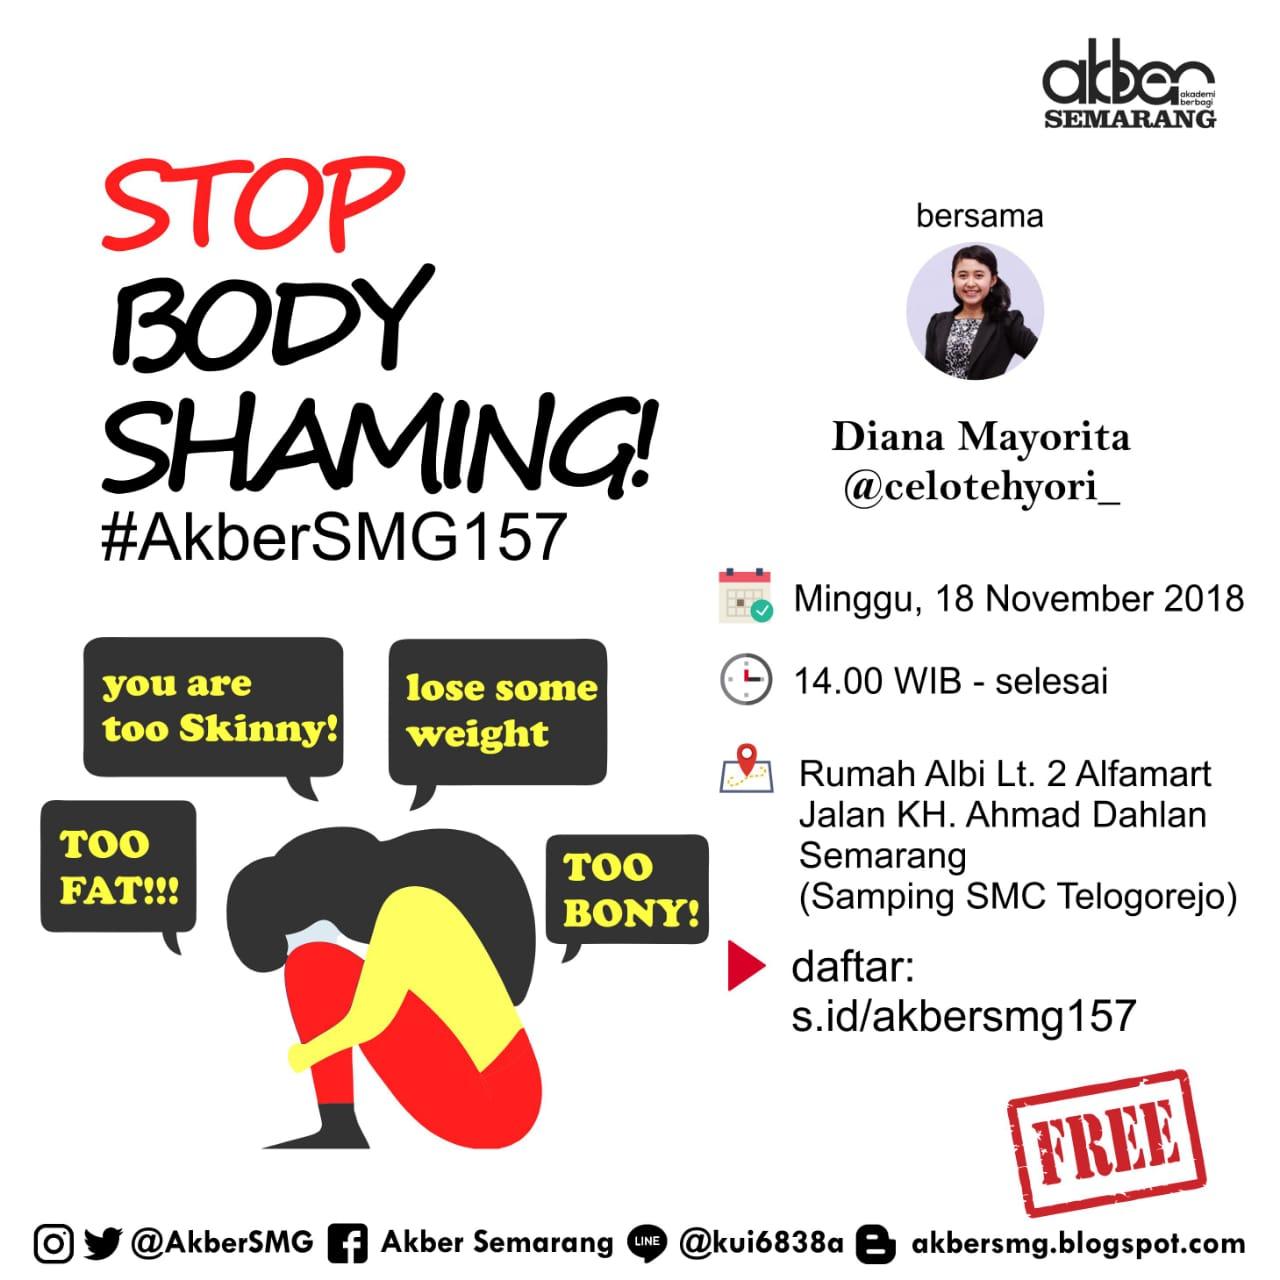 Semarang: Stop Body Shaming!